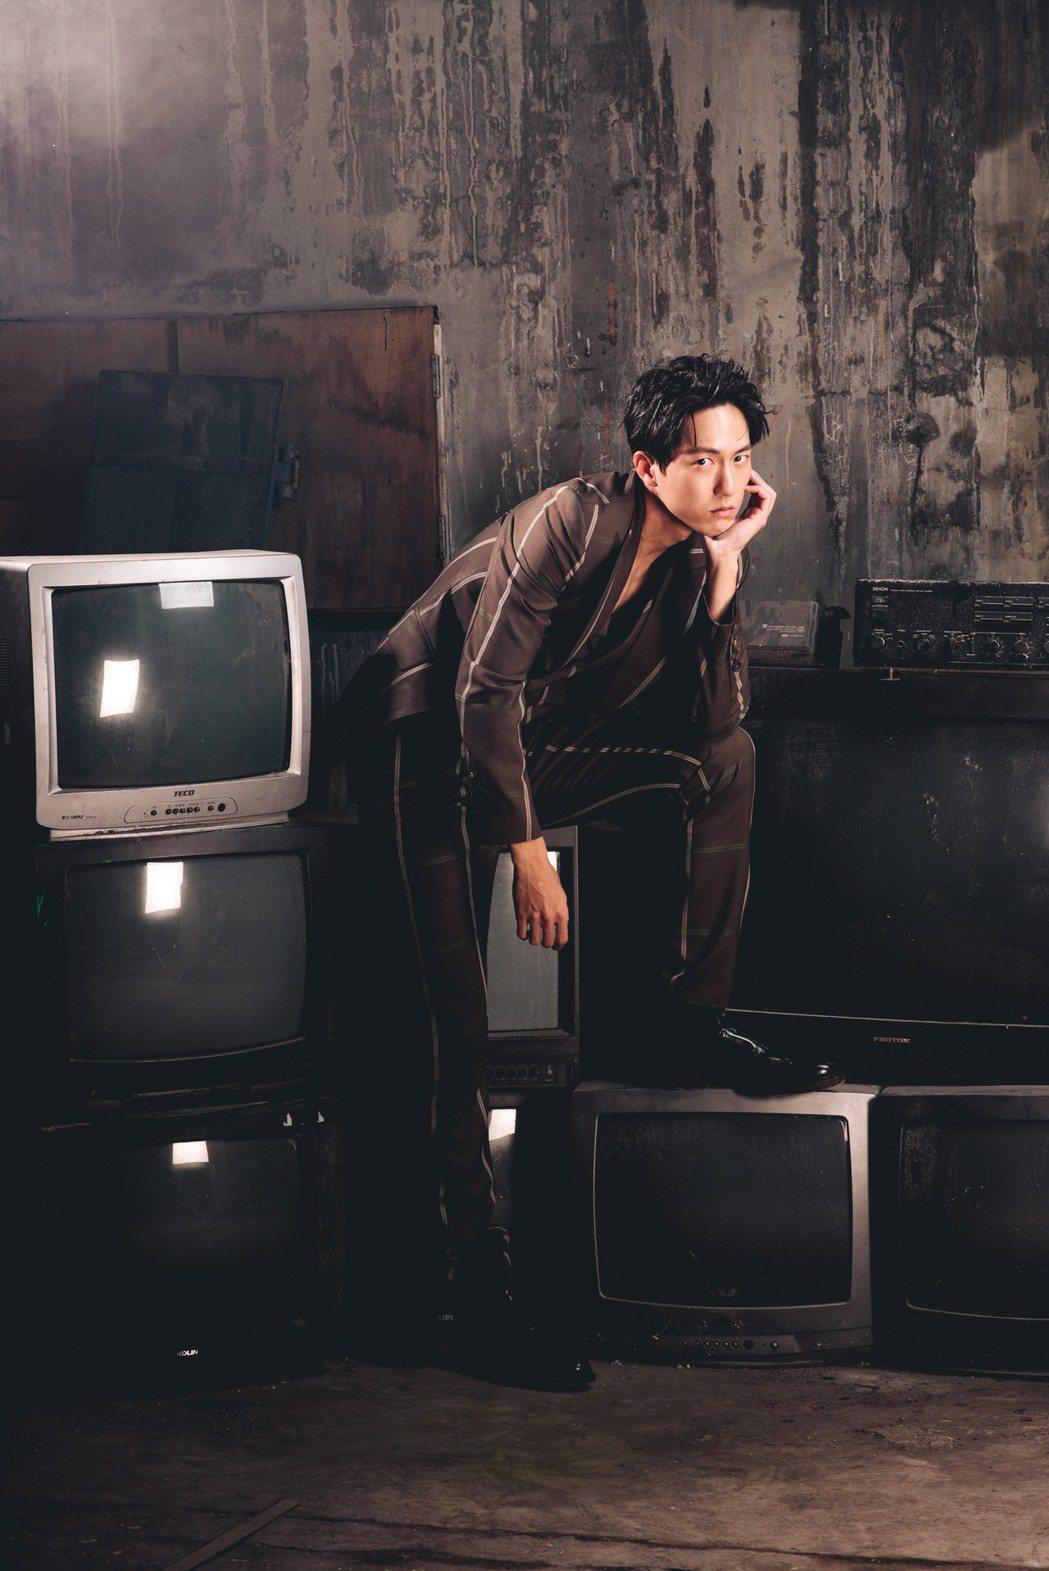 邱昊奇正拍攝電視劇「必勝大丈夫」。圖/幸星娛樂提供